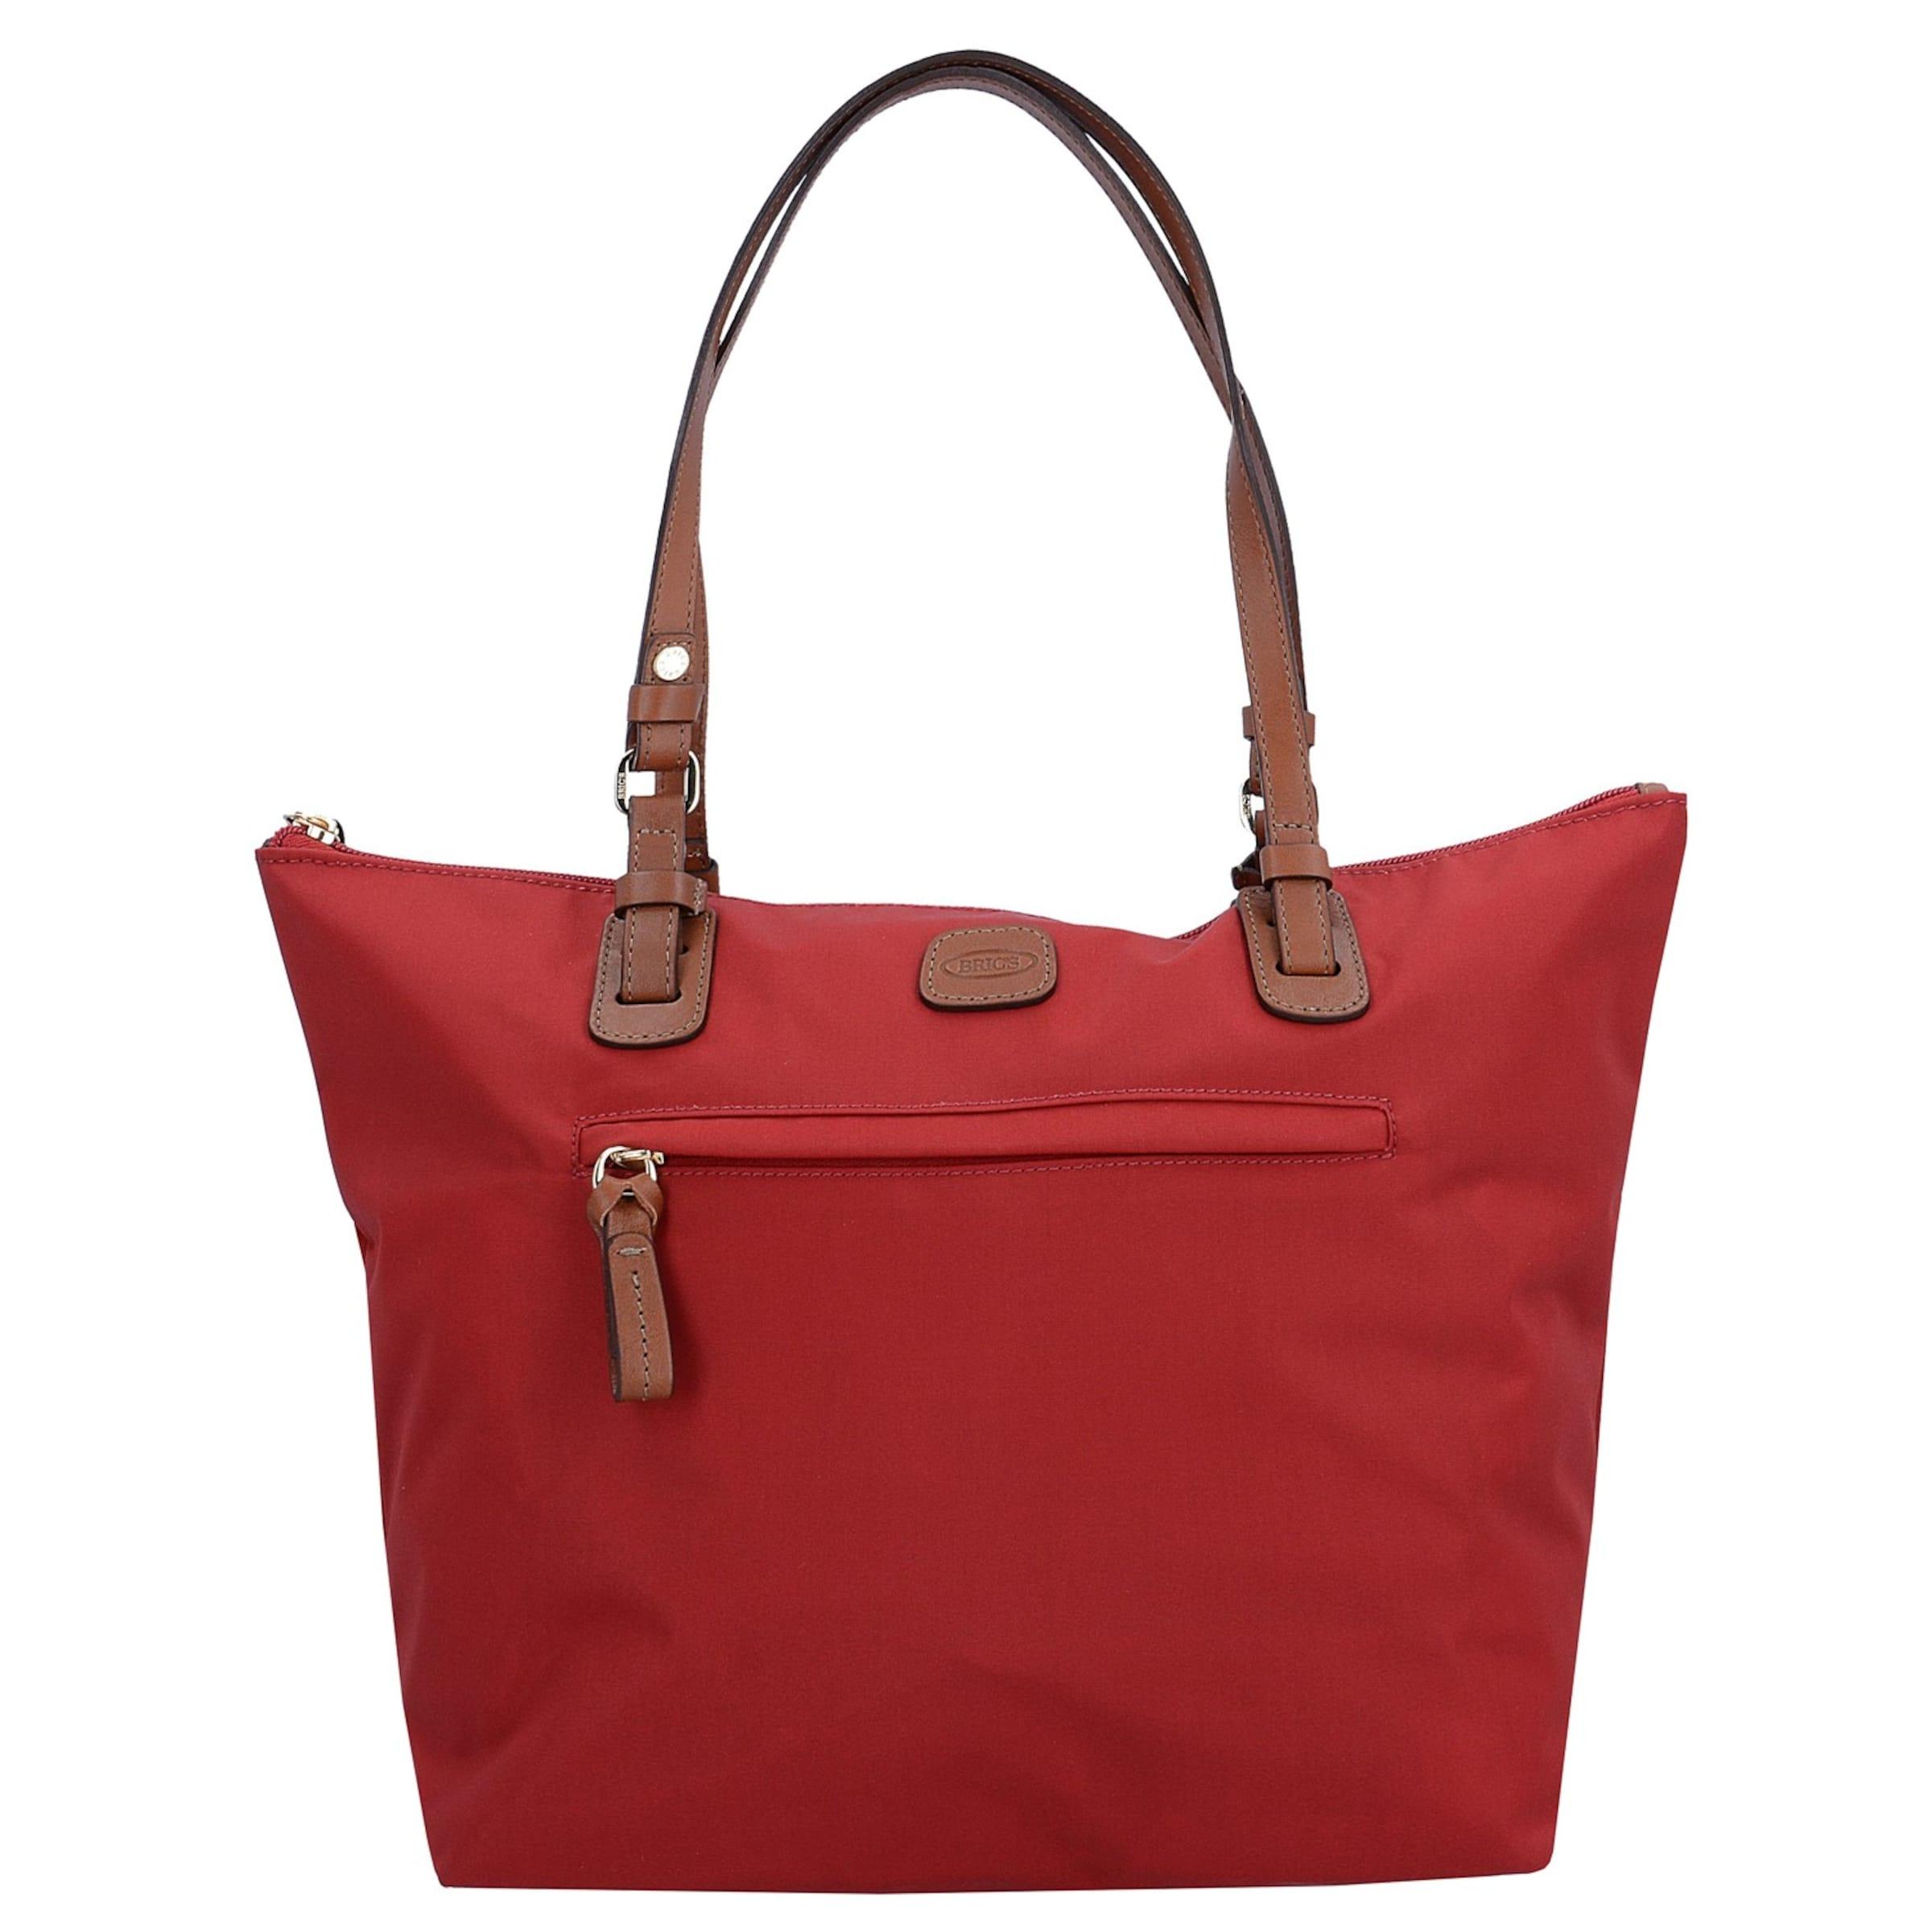 Billig Verkauf Offiziell Discount-Marke Neue Unisex Bric's X-Bag Handtasche 25 cm Outlet Großer Verkauf Niedriger Preis Online VumkrsoY